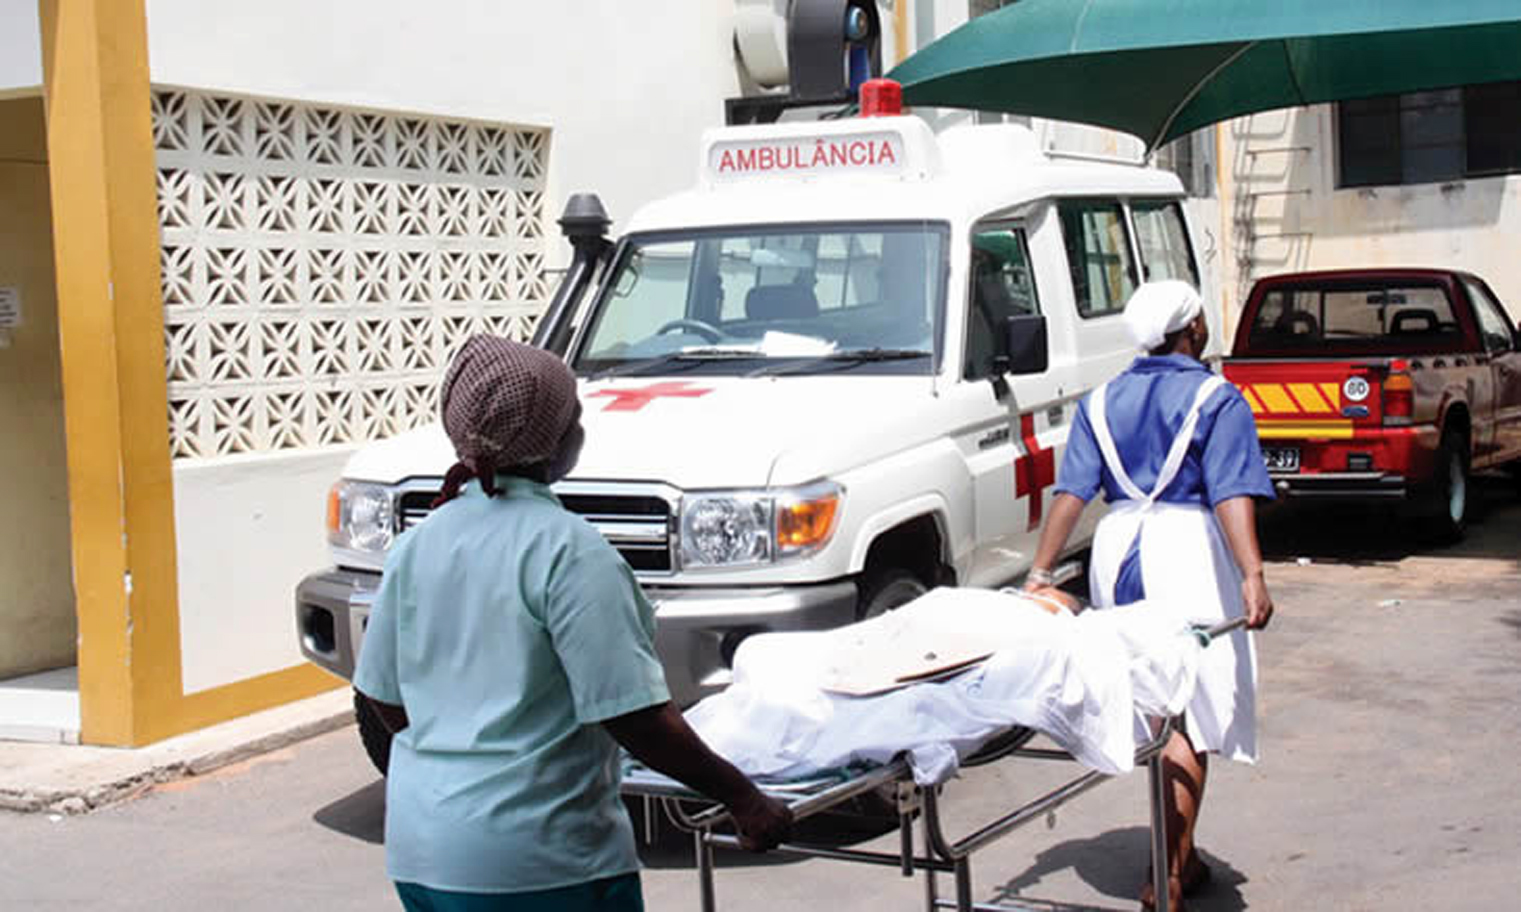 Moçambique reforça Hospital Geral de Mavalane face à subida de internamentos